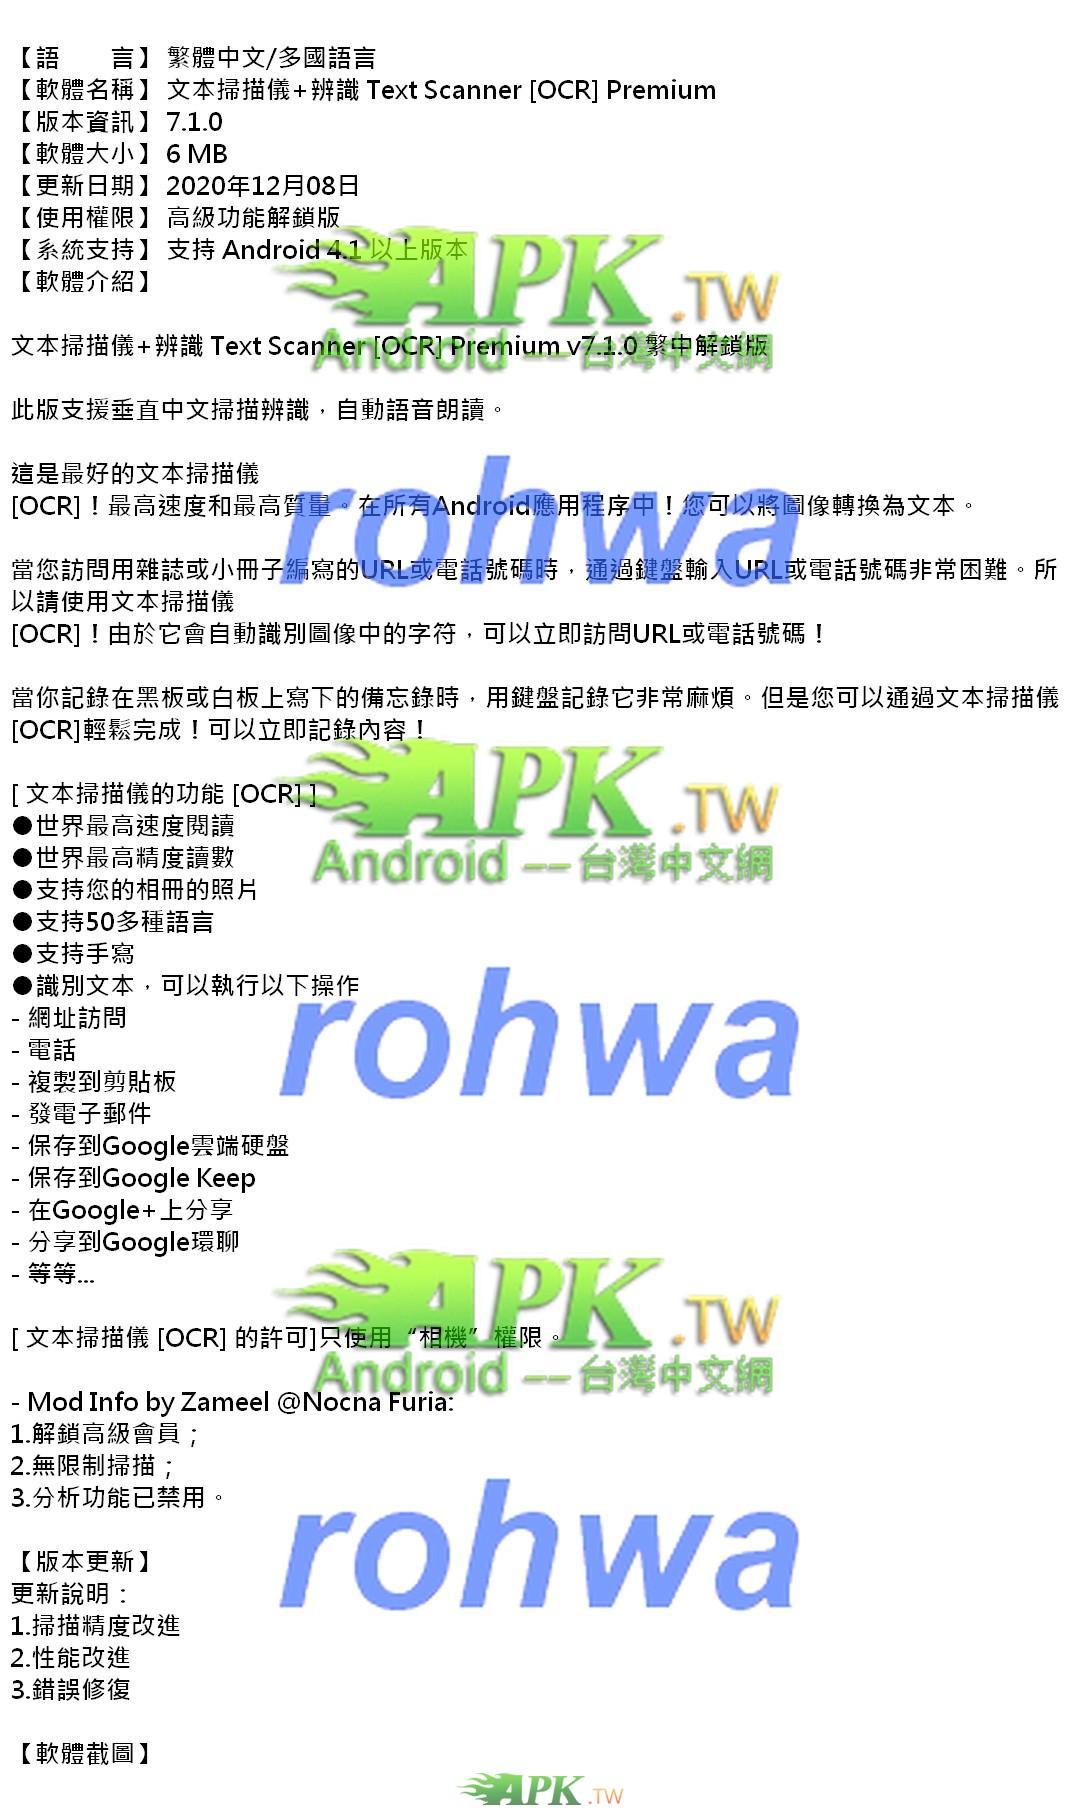 TextScanner_OCR_Premium_7.1.0_.jpg